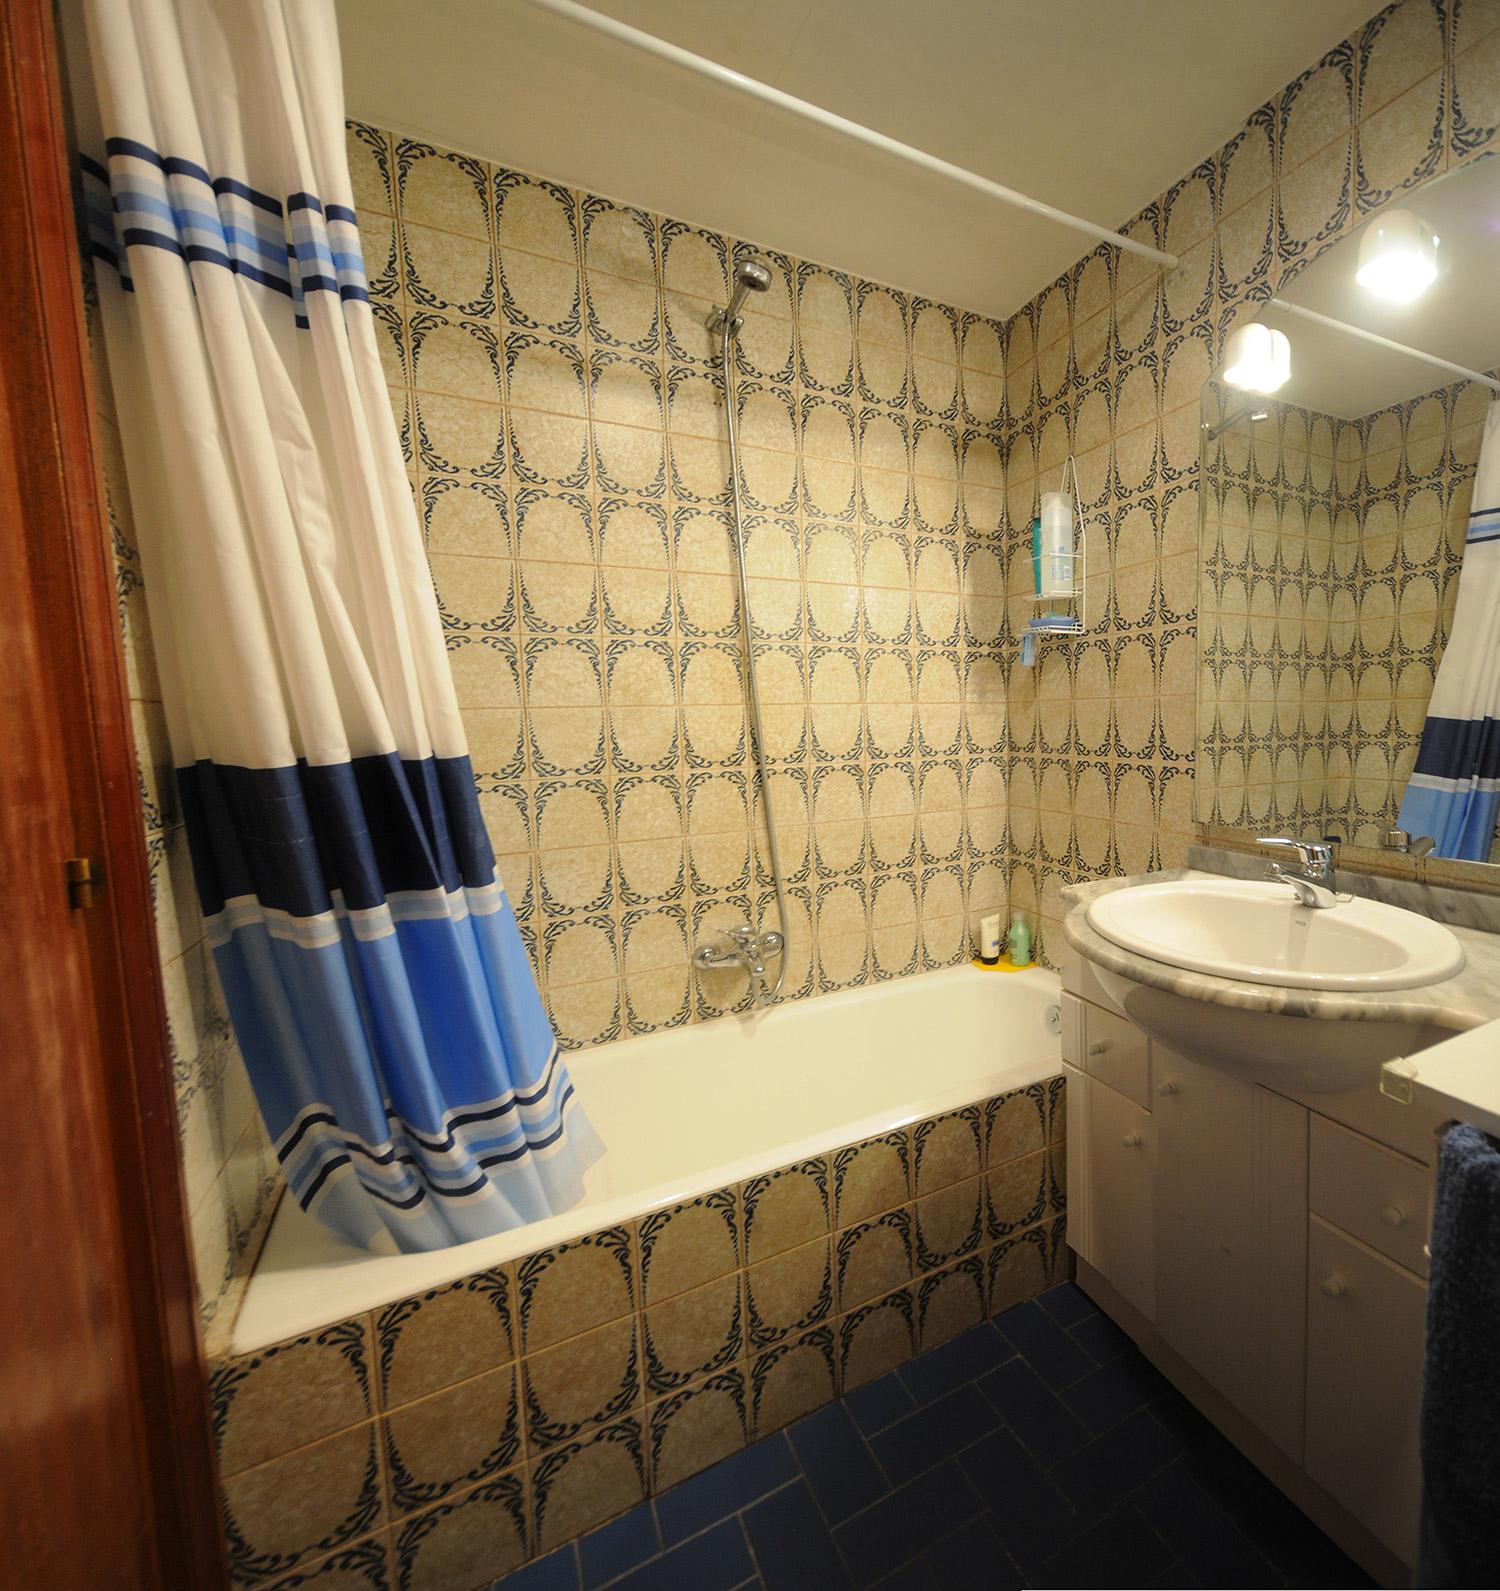 Transformar baera en ducha trendy antes y despu s de cambios de ba era por ducha duchaya - Convertir banera en ducha ...